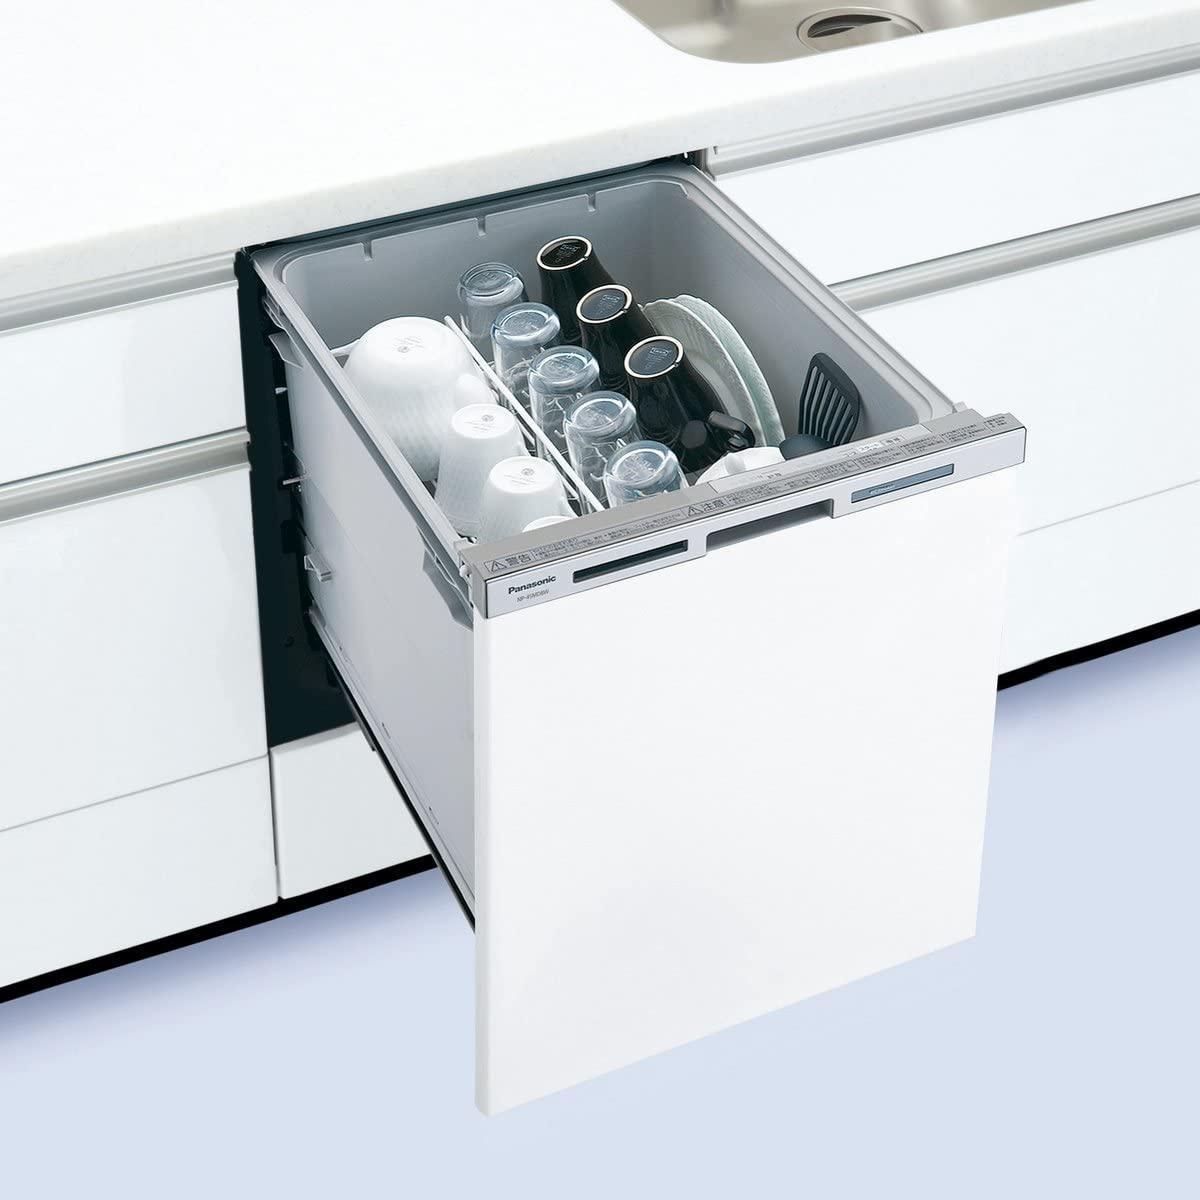 Panasonic(パナソニック) ビルトイン食器洗い乾燥機 NP-45MD8W(ホワイト)の商品画像2